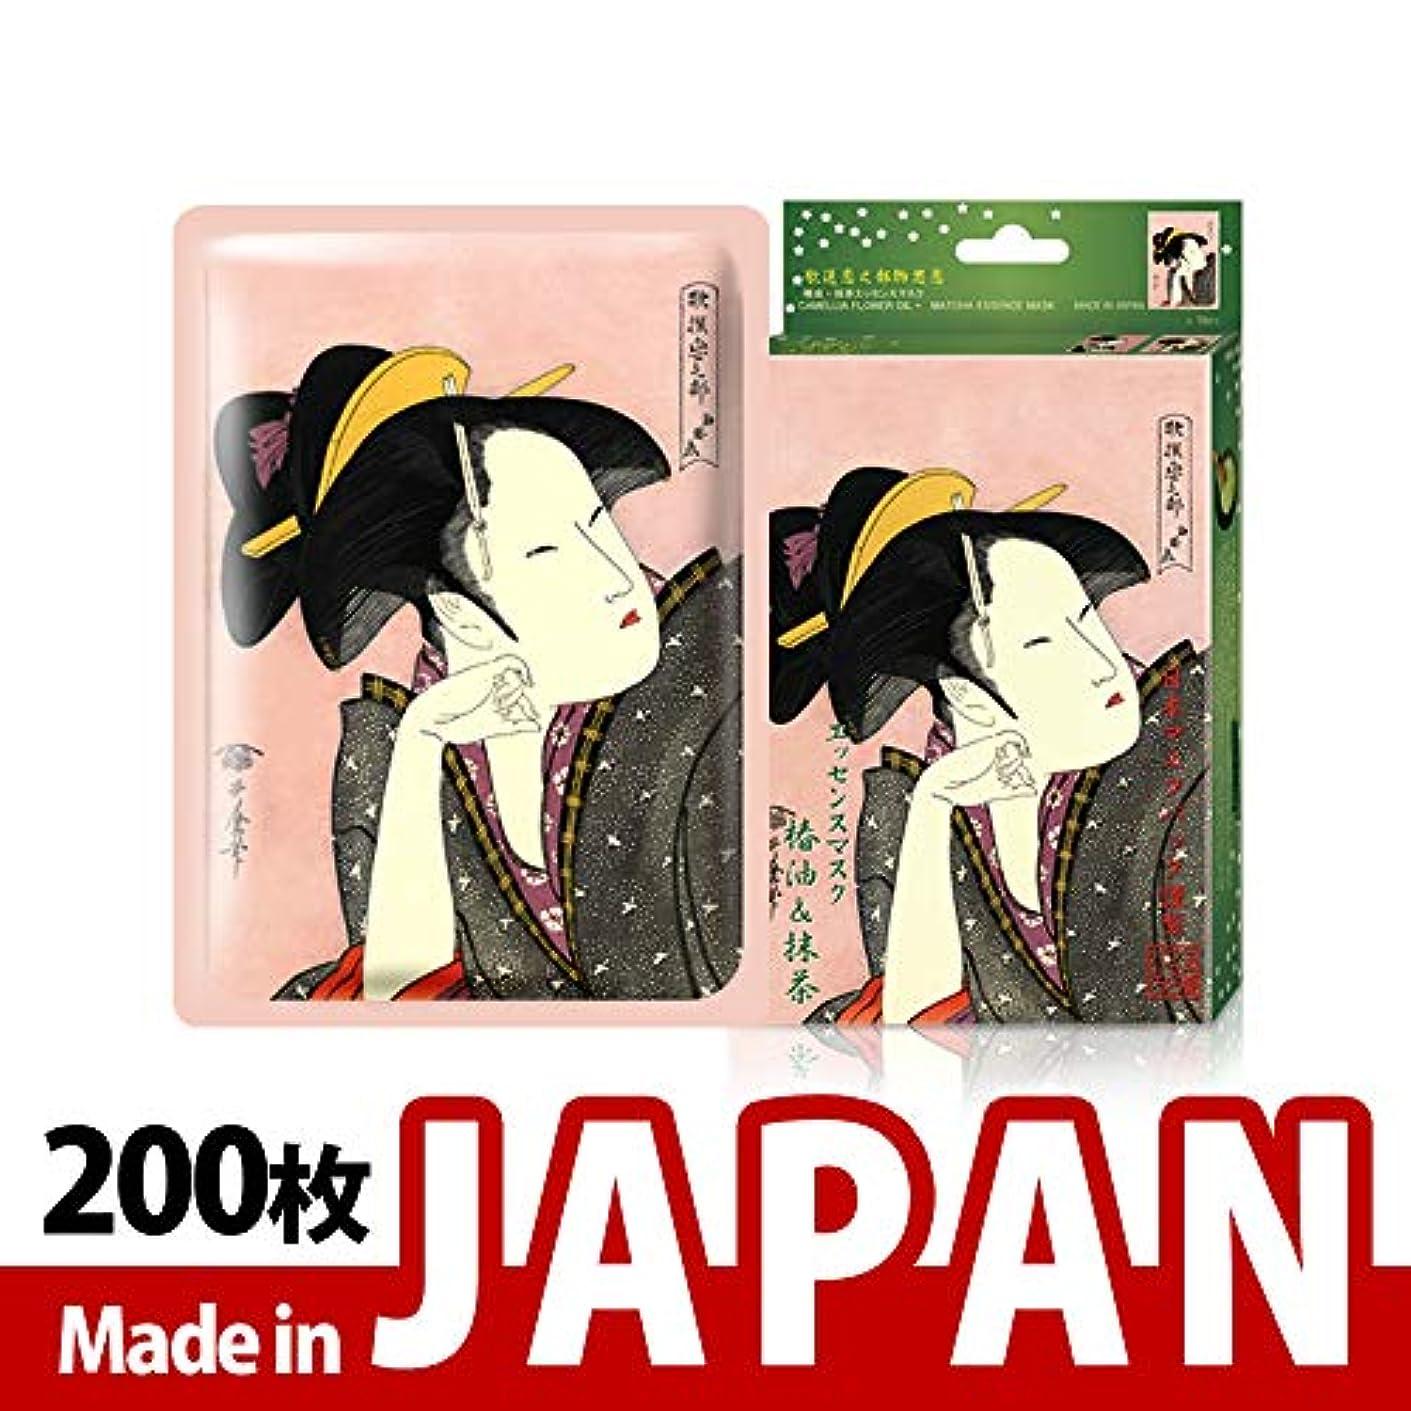 推定アートジャーナリストMITOMO【JP005-A-1】日本製シートマスク/10枚入り/200枚/美容液/マスクパック/送料無料